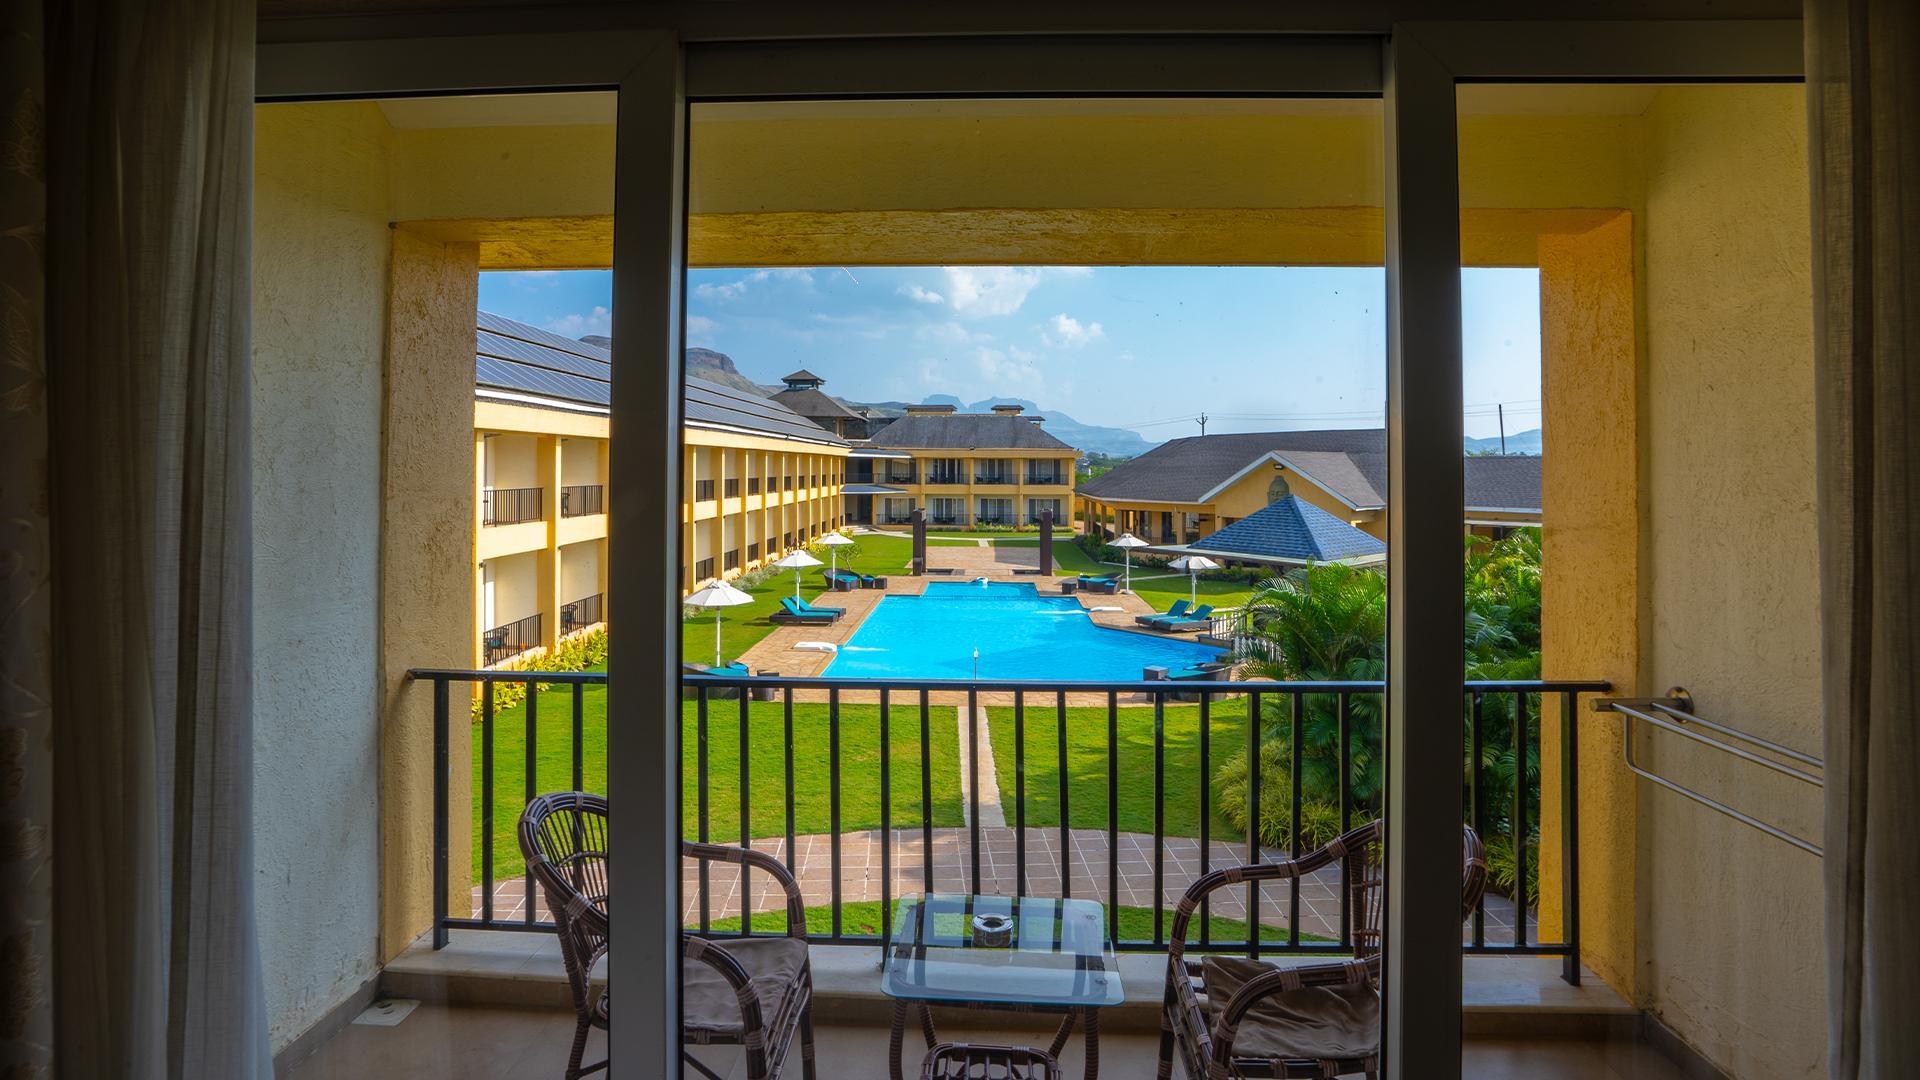 Anthurium Room image 1 at Tropical Retreat Luxury Resort & Spa by Nashik, Maharashtra, India